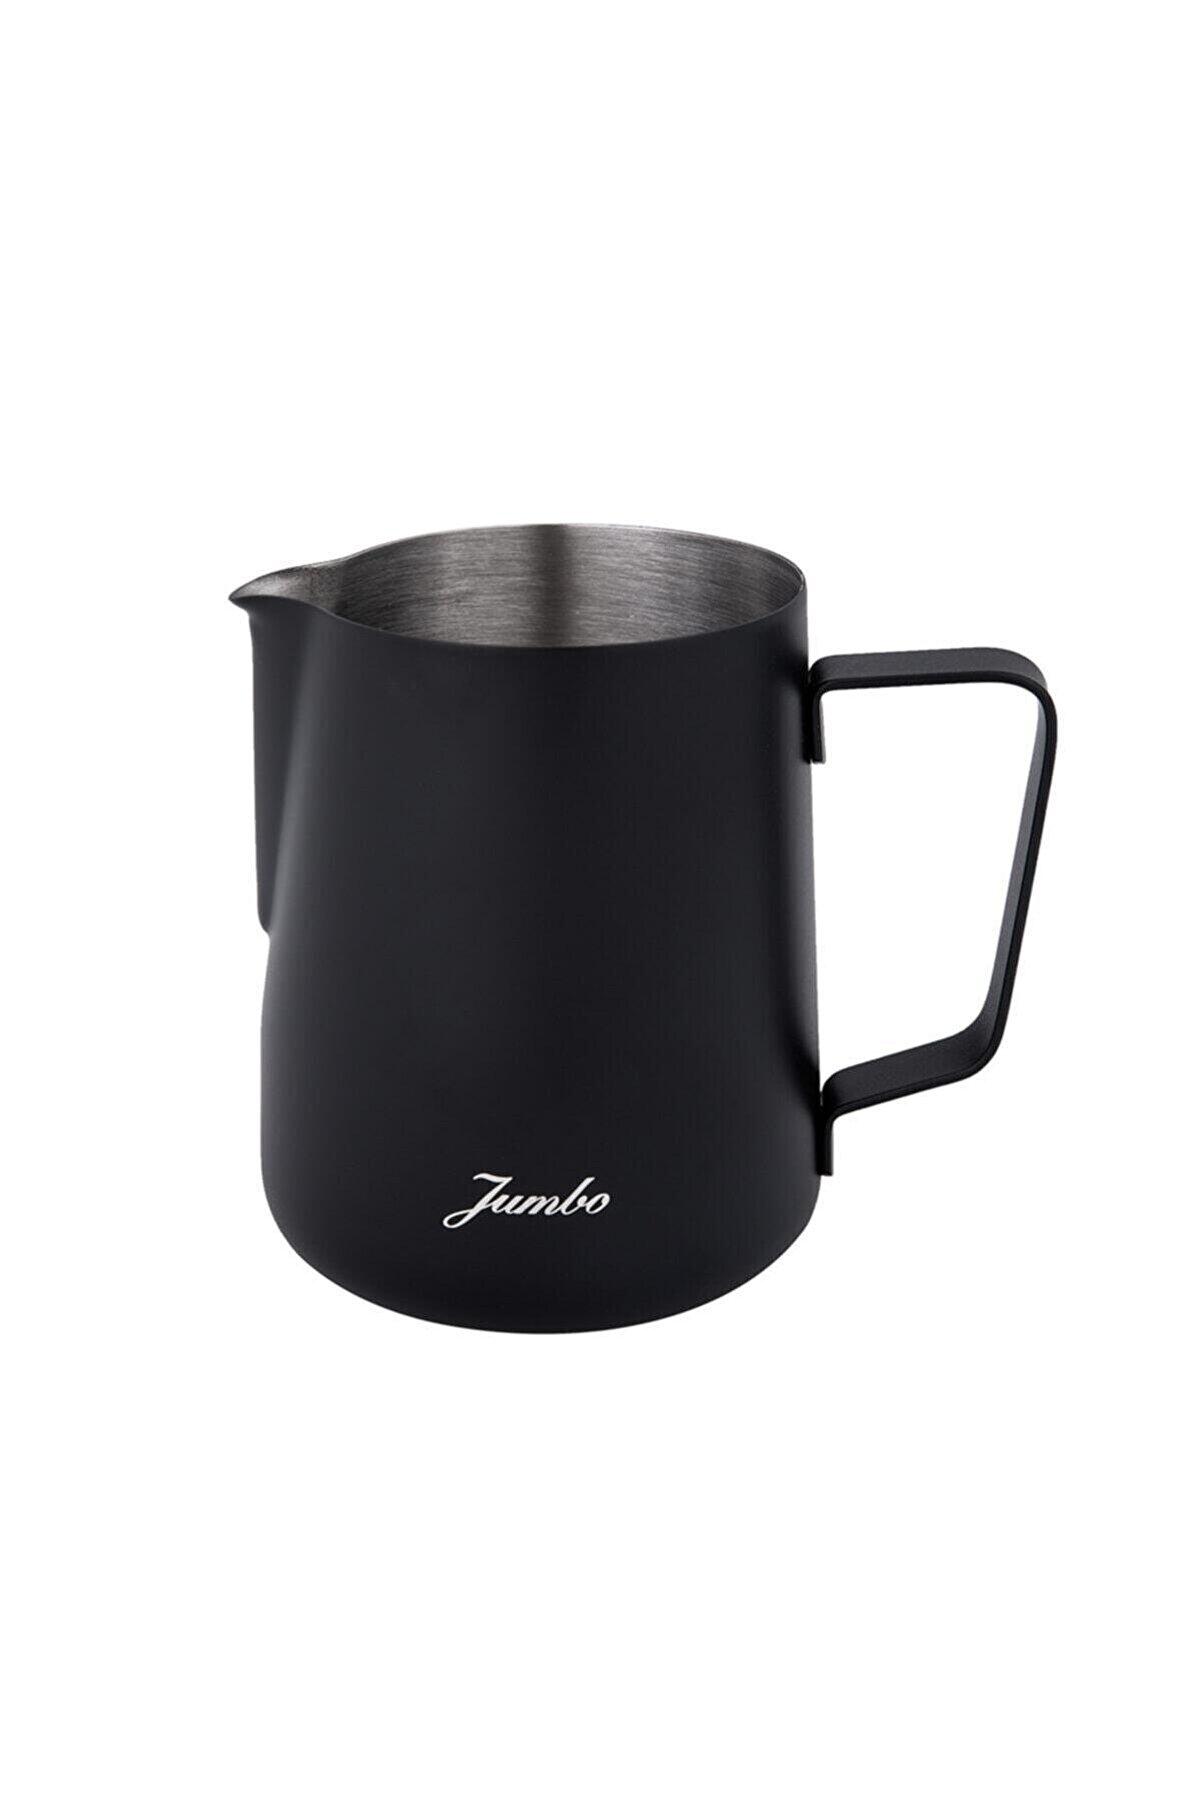 Jumbo Venti Çelik Süt Potu Siyah 600 ml